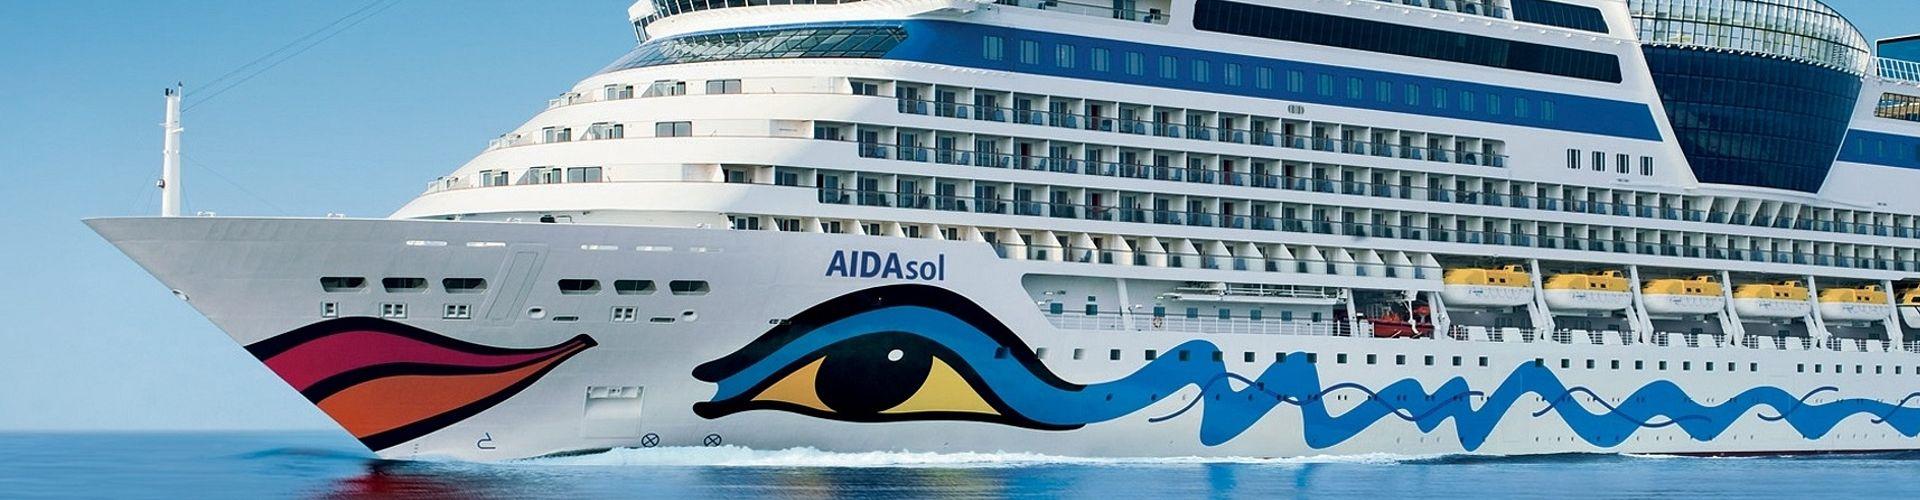 Reisetipps zum Thema: Clubschiff